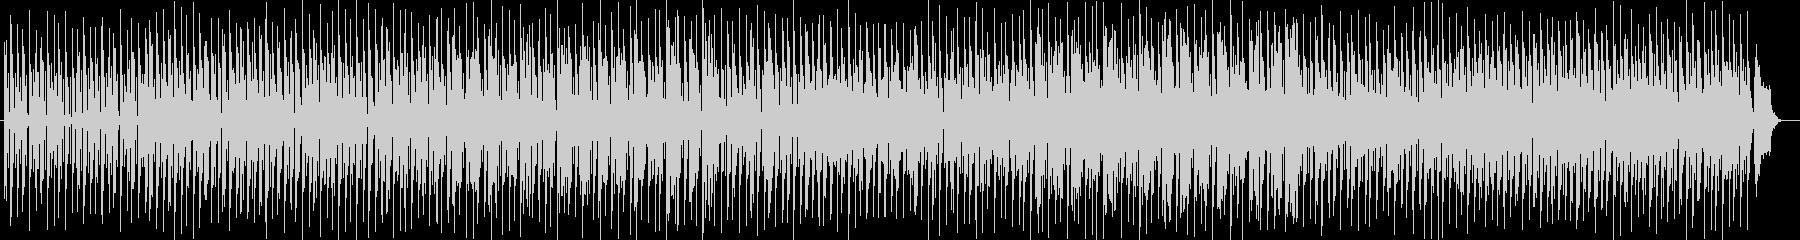 穏やかで楽しいシンセサイザーサウンドの未再生の波形